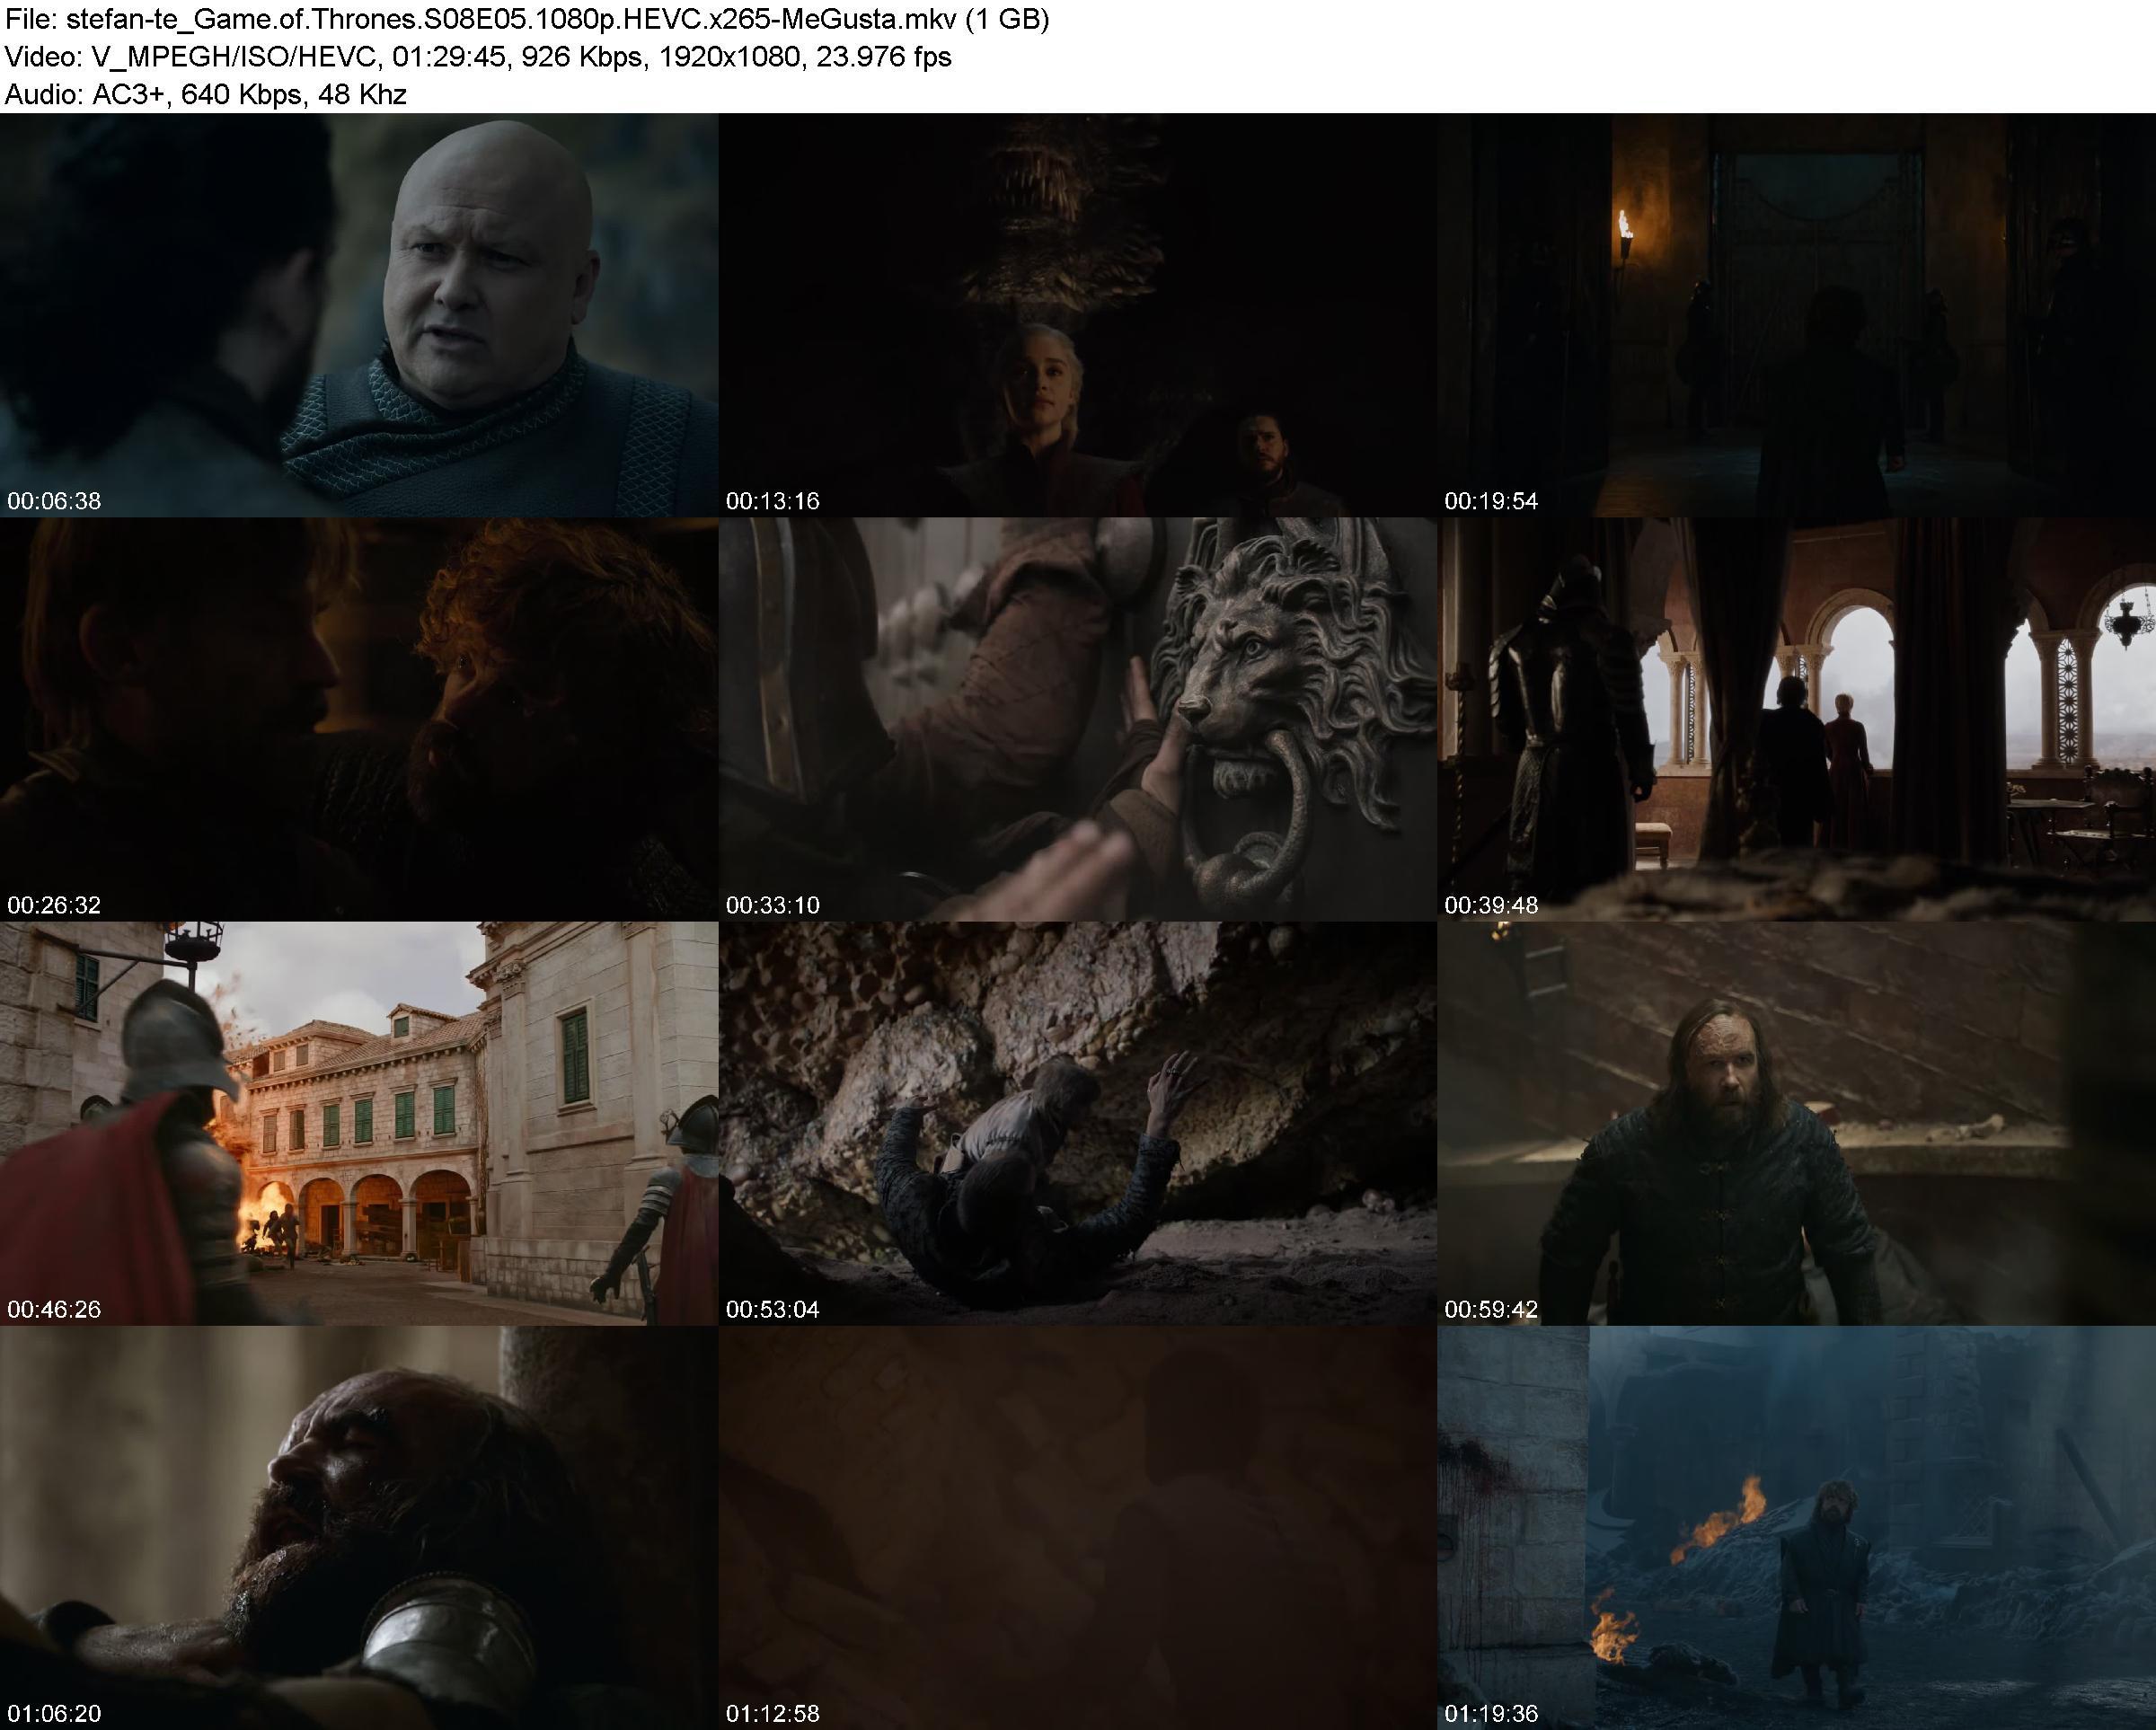 game of thrones s08e05 720p web h264 memento ettv subtitles